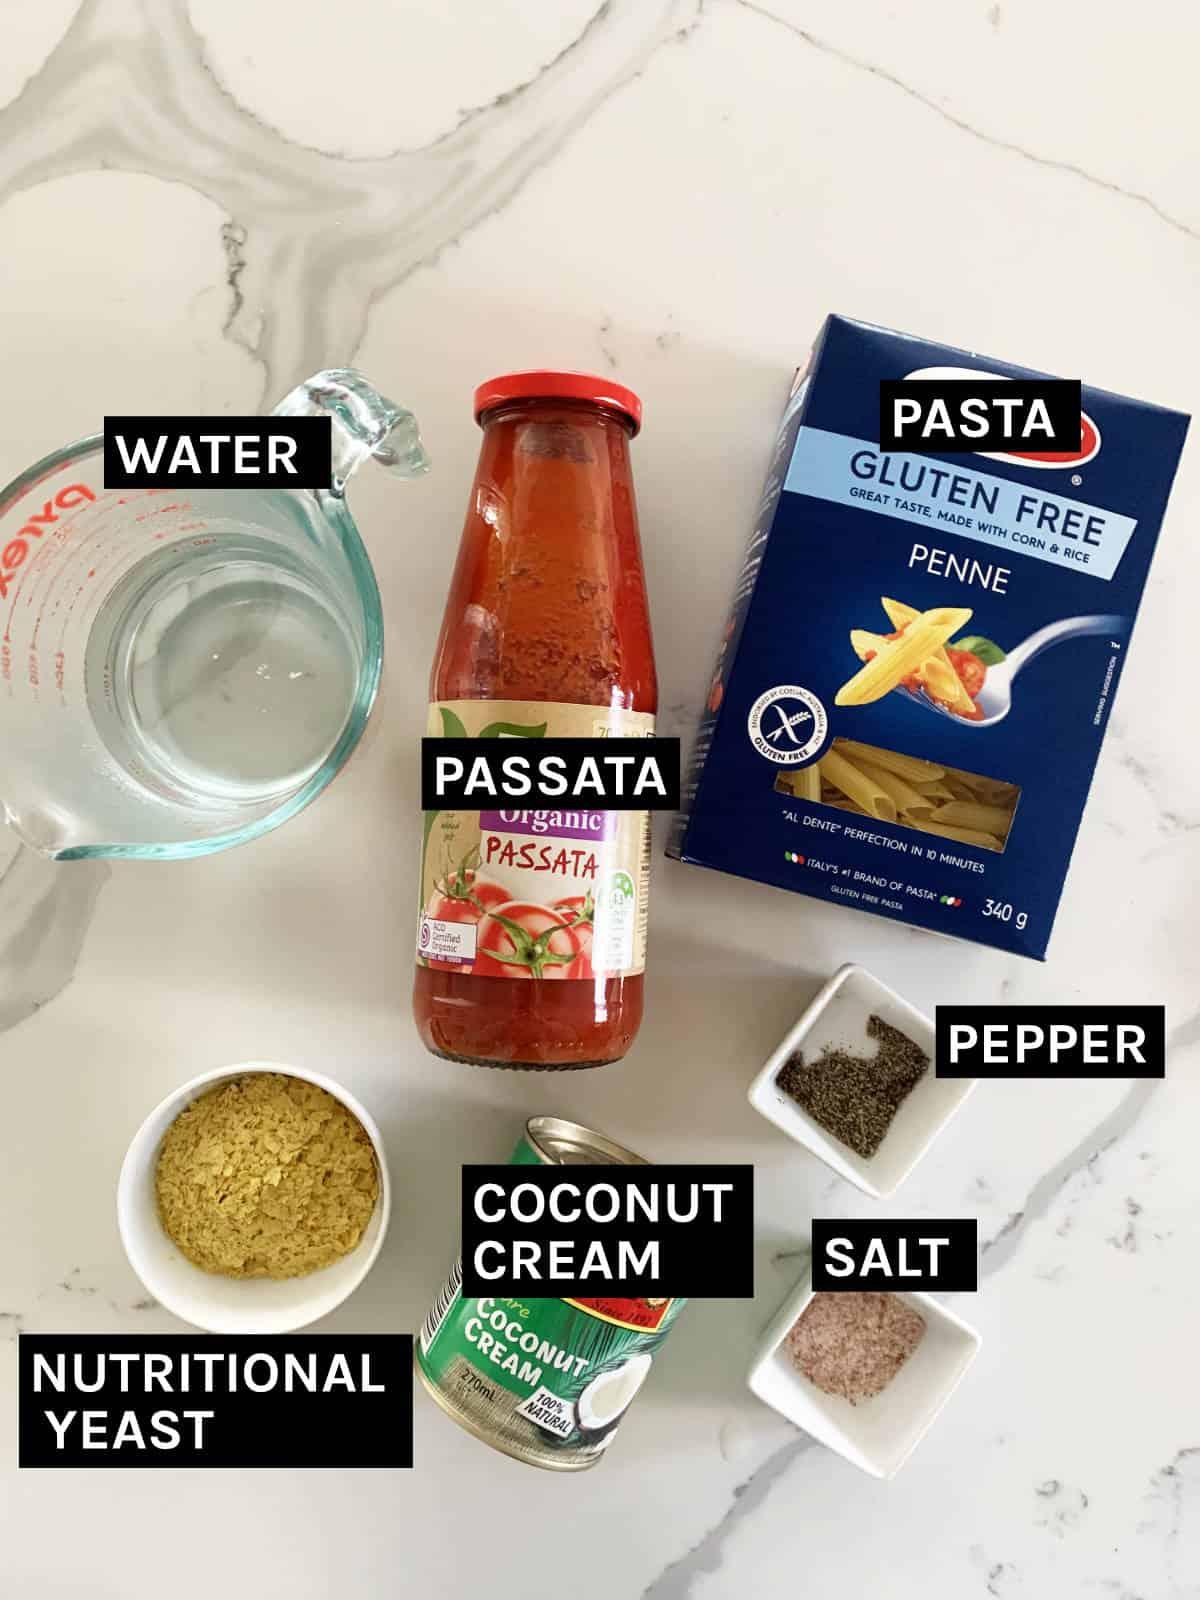 vegan pasta bake ingredients on flat surface